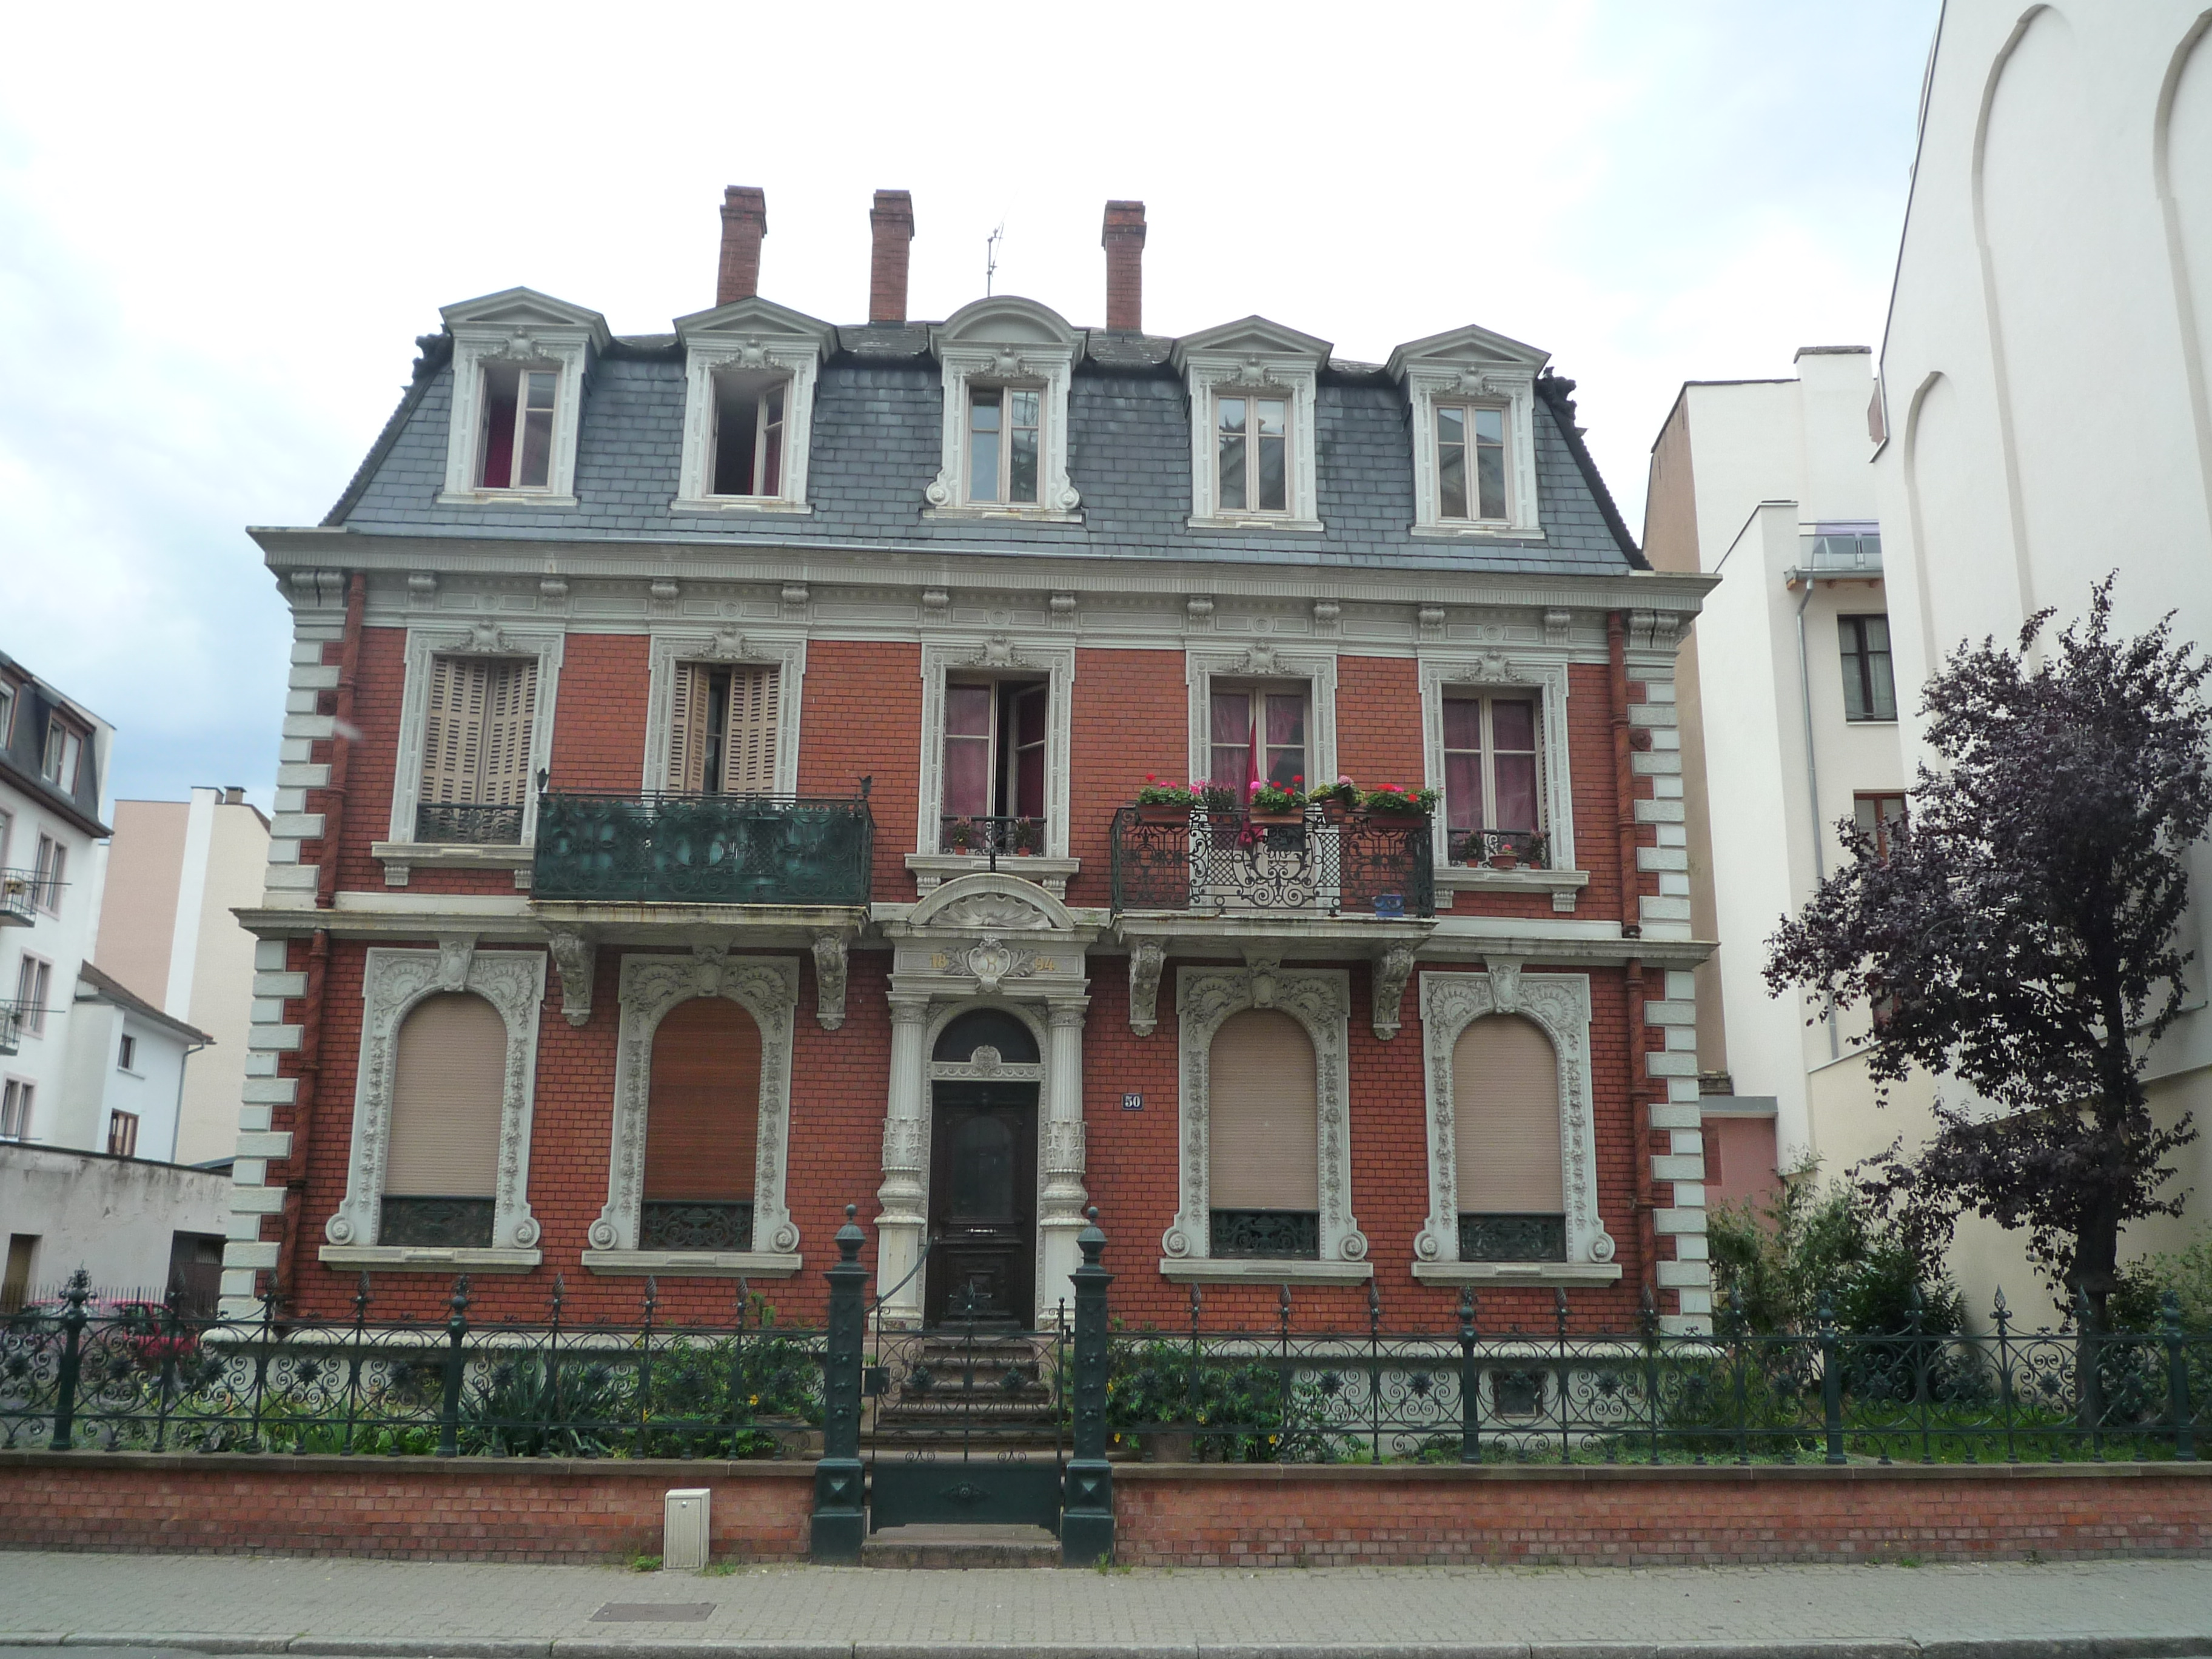 House - Wikipedia